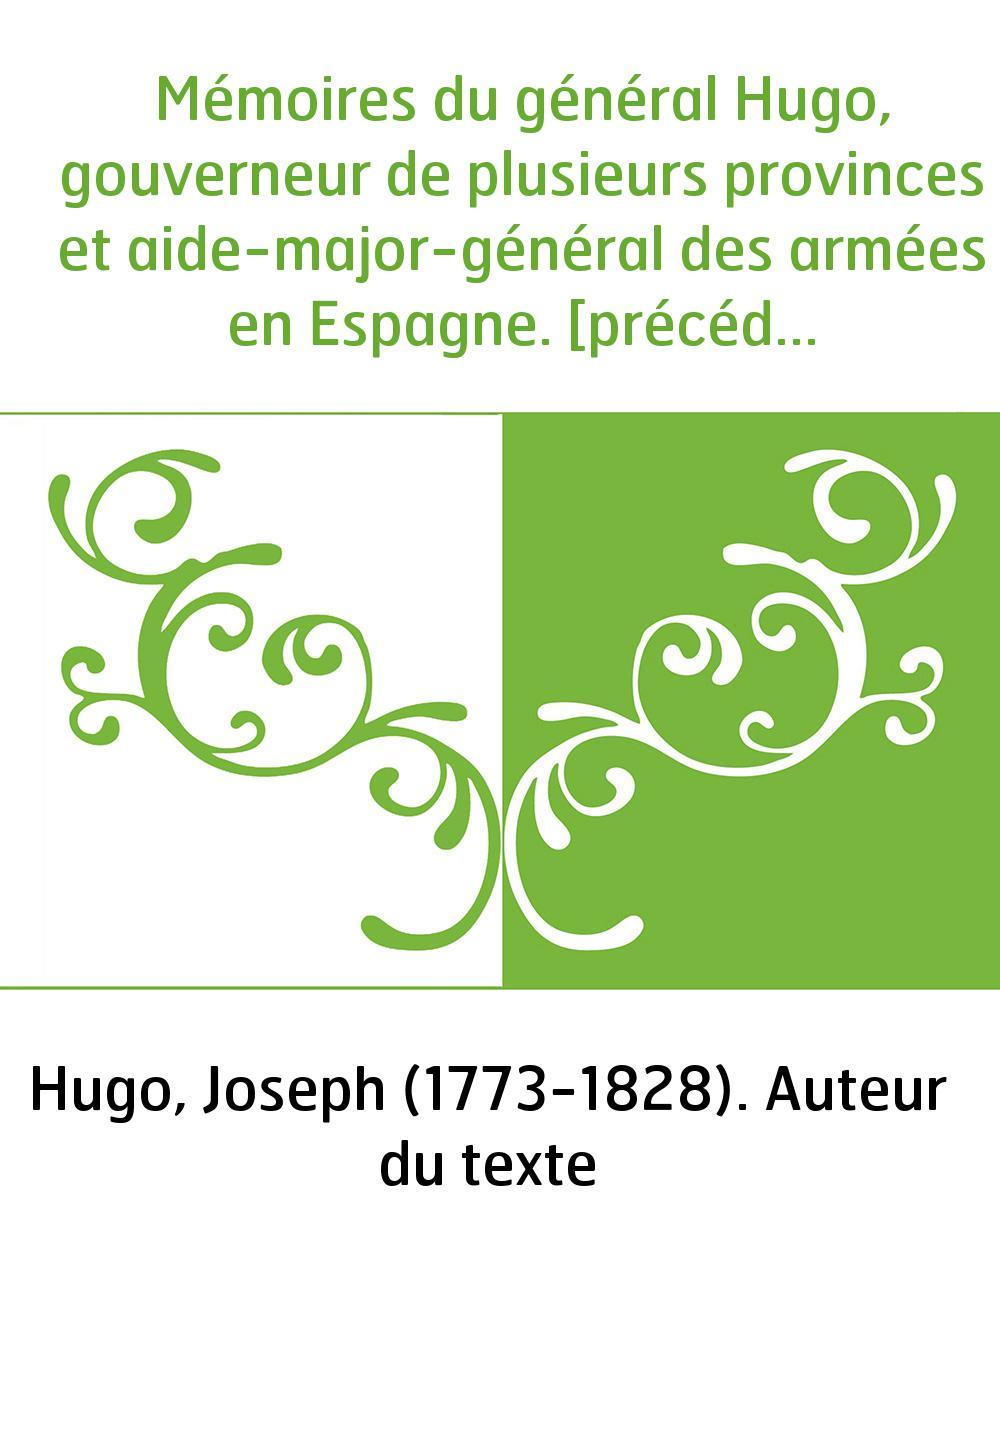 Mémoires du général Hugo, gouverneur de plusieurs provinces et aide-major-général des armées en Espagne. [précédés des Mémoires